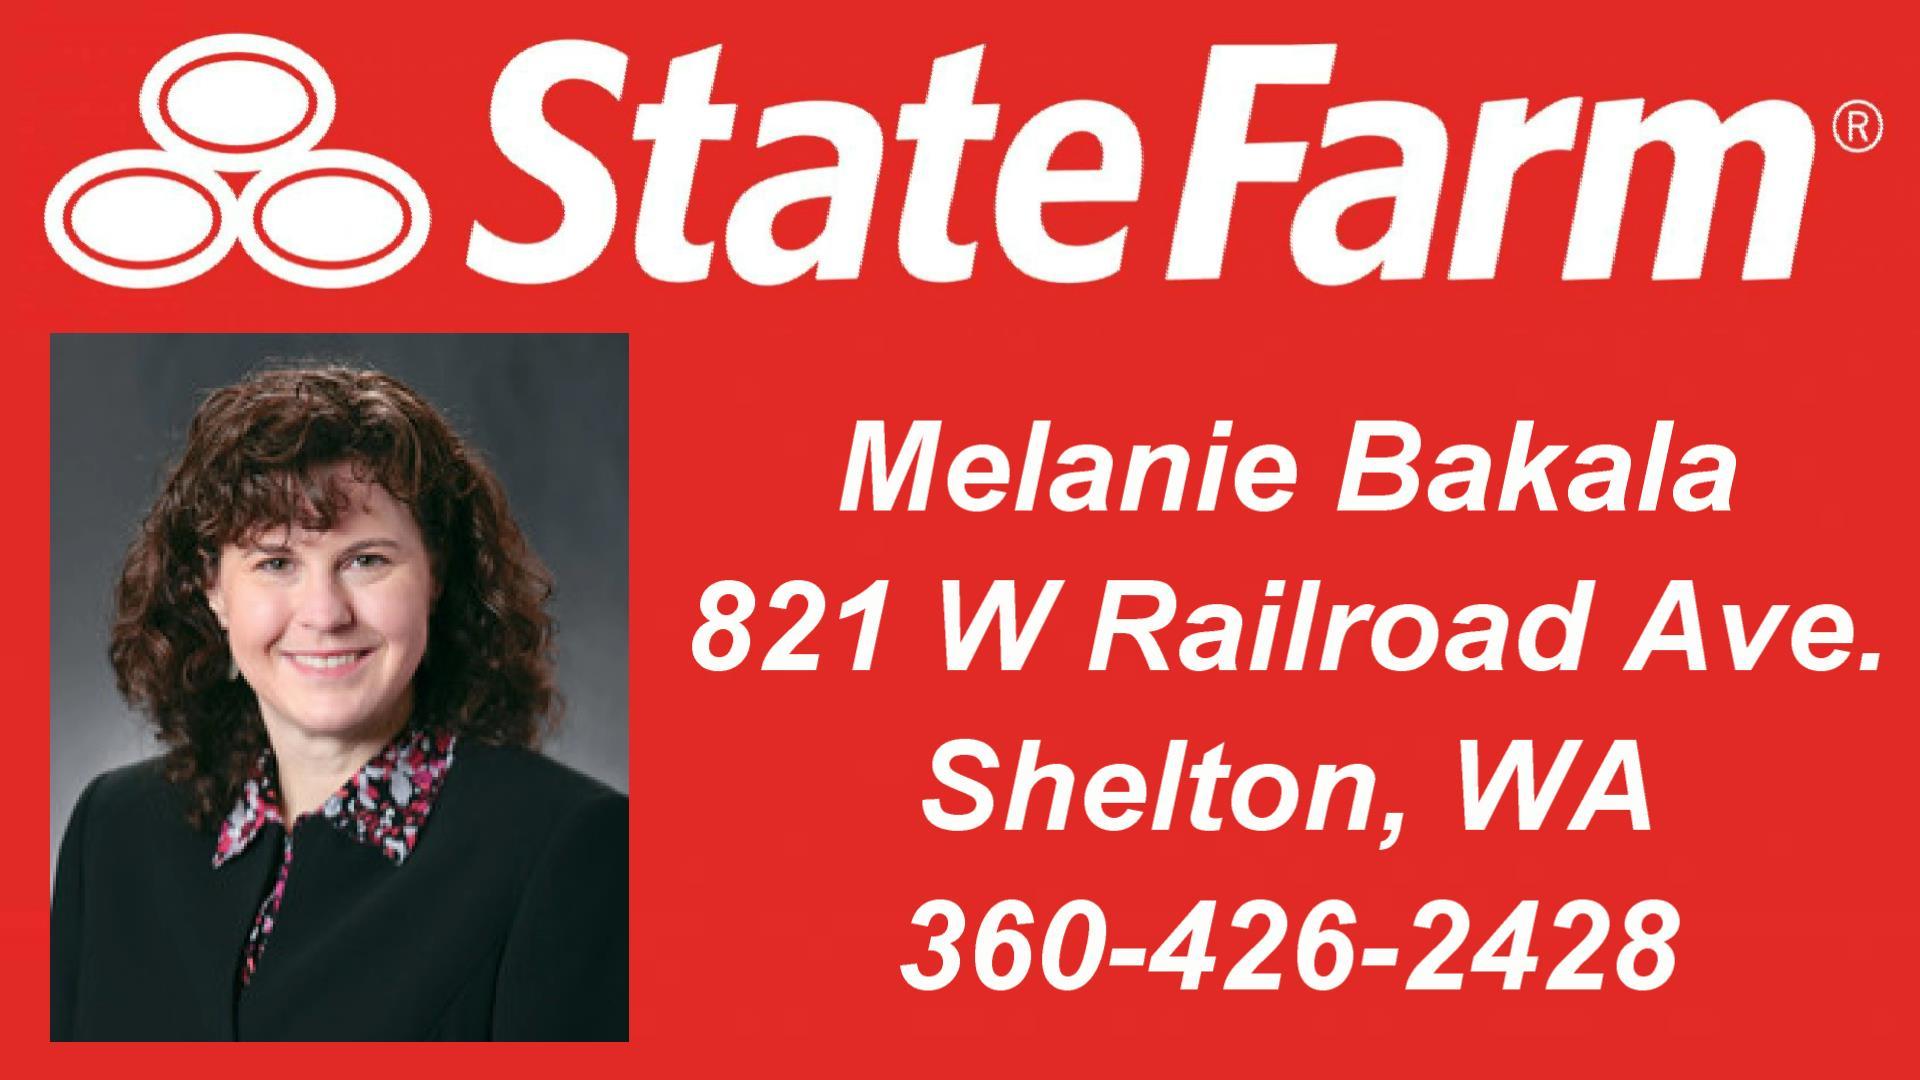 Melanie Bakala State Farm